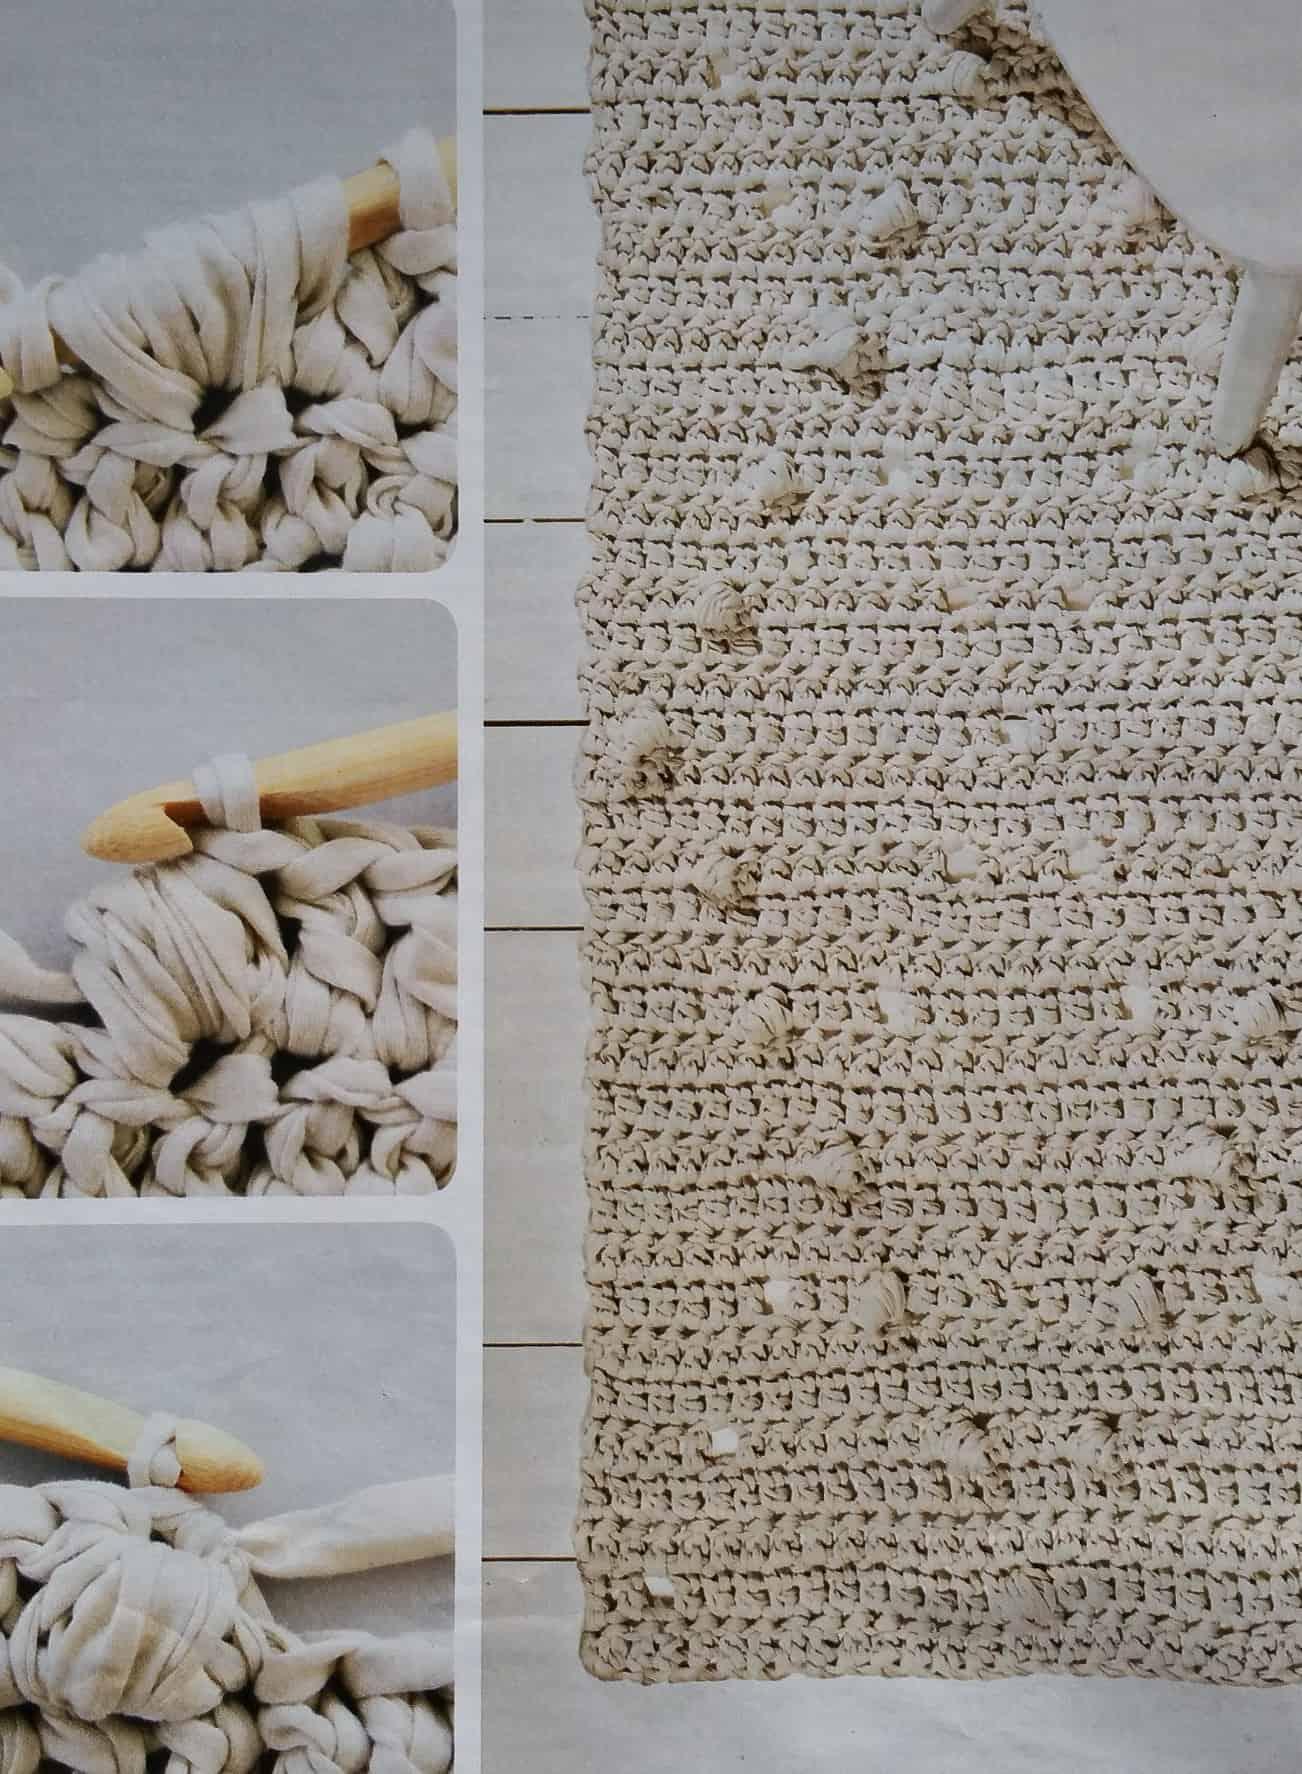 Vloerkleed Haken Met Textielgaren Hobbyblogonl